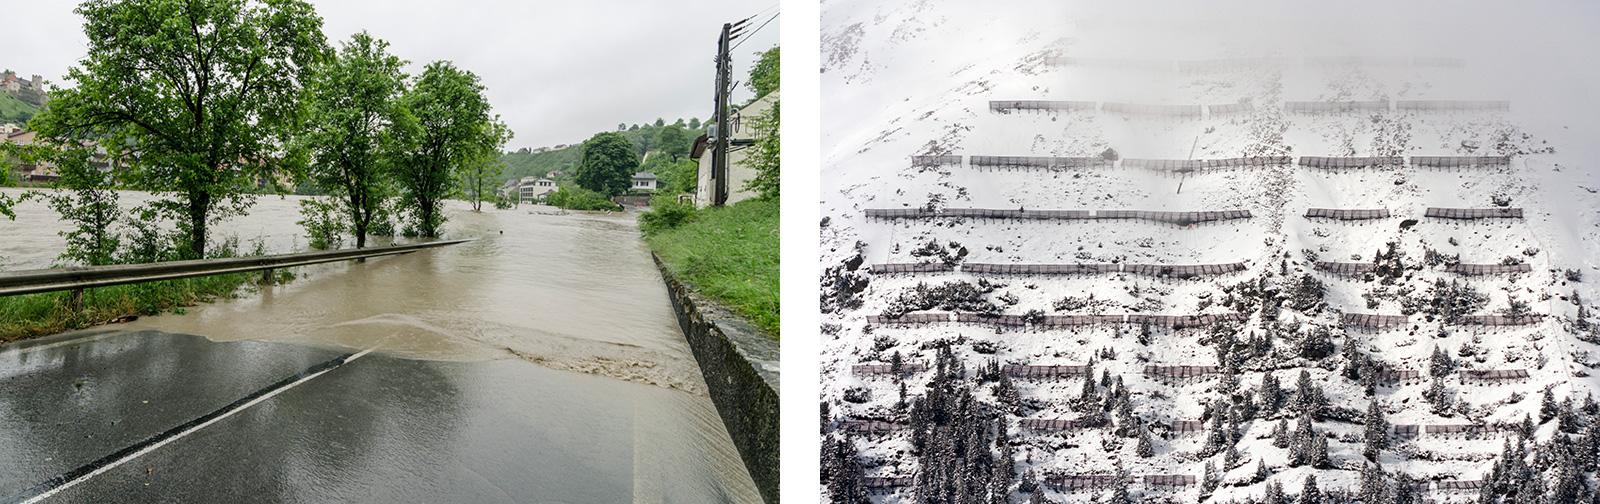 Links: Hochwasser in Hochburg-Ach, rechts: lawinenschutz in den Alpen